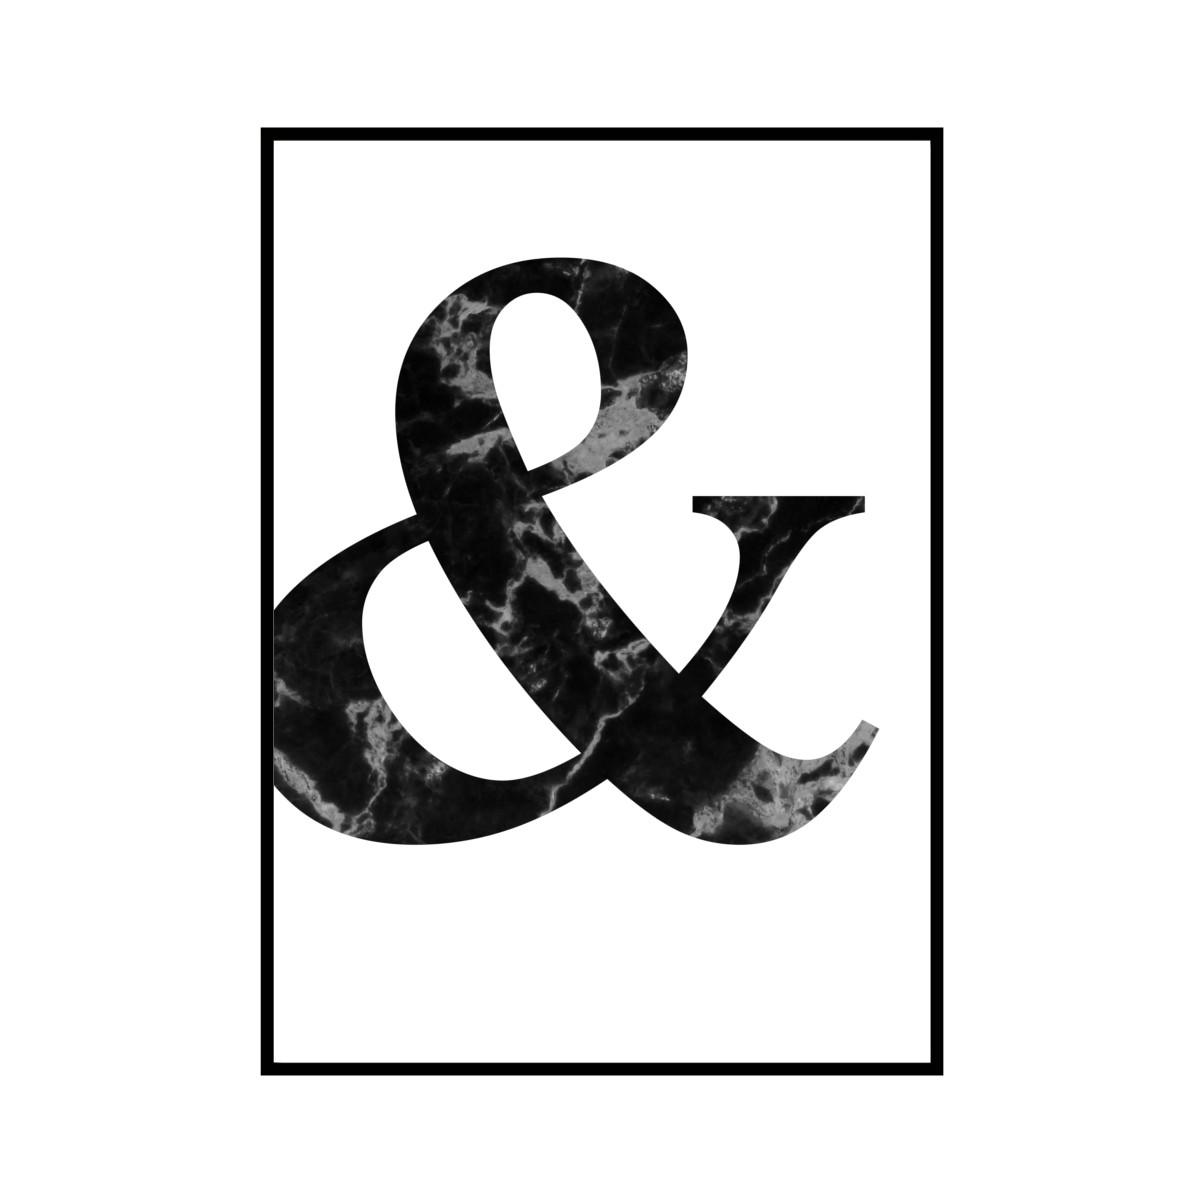 """""""&"""" 黒大理石 - Black marble - ALPHAシリーズ [SD-000501] B4サイズ ポスター単品"""